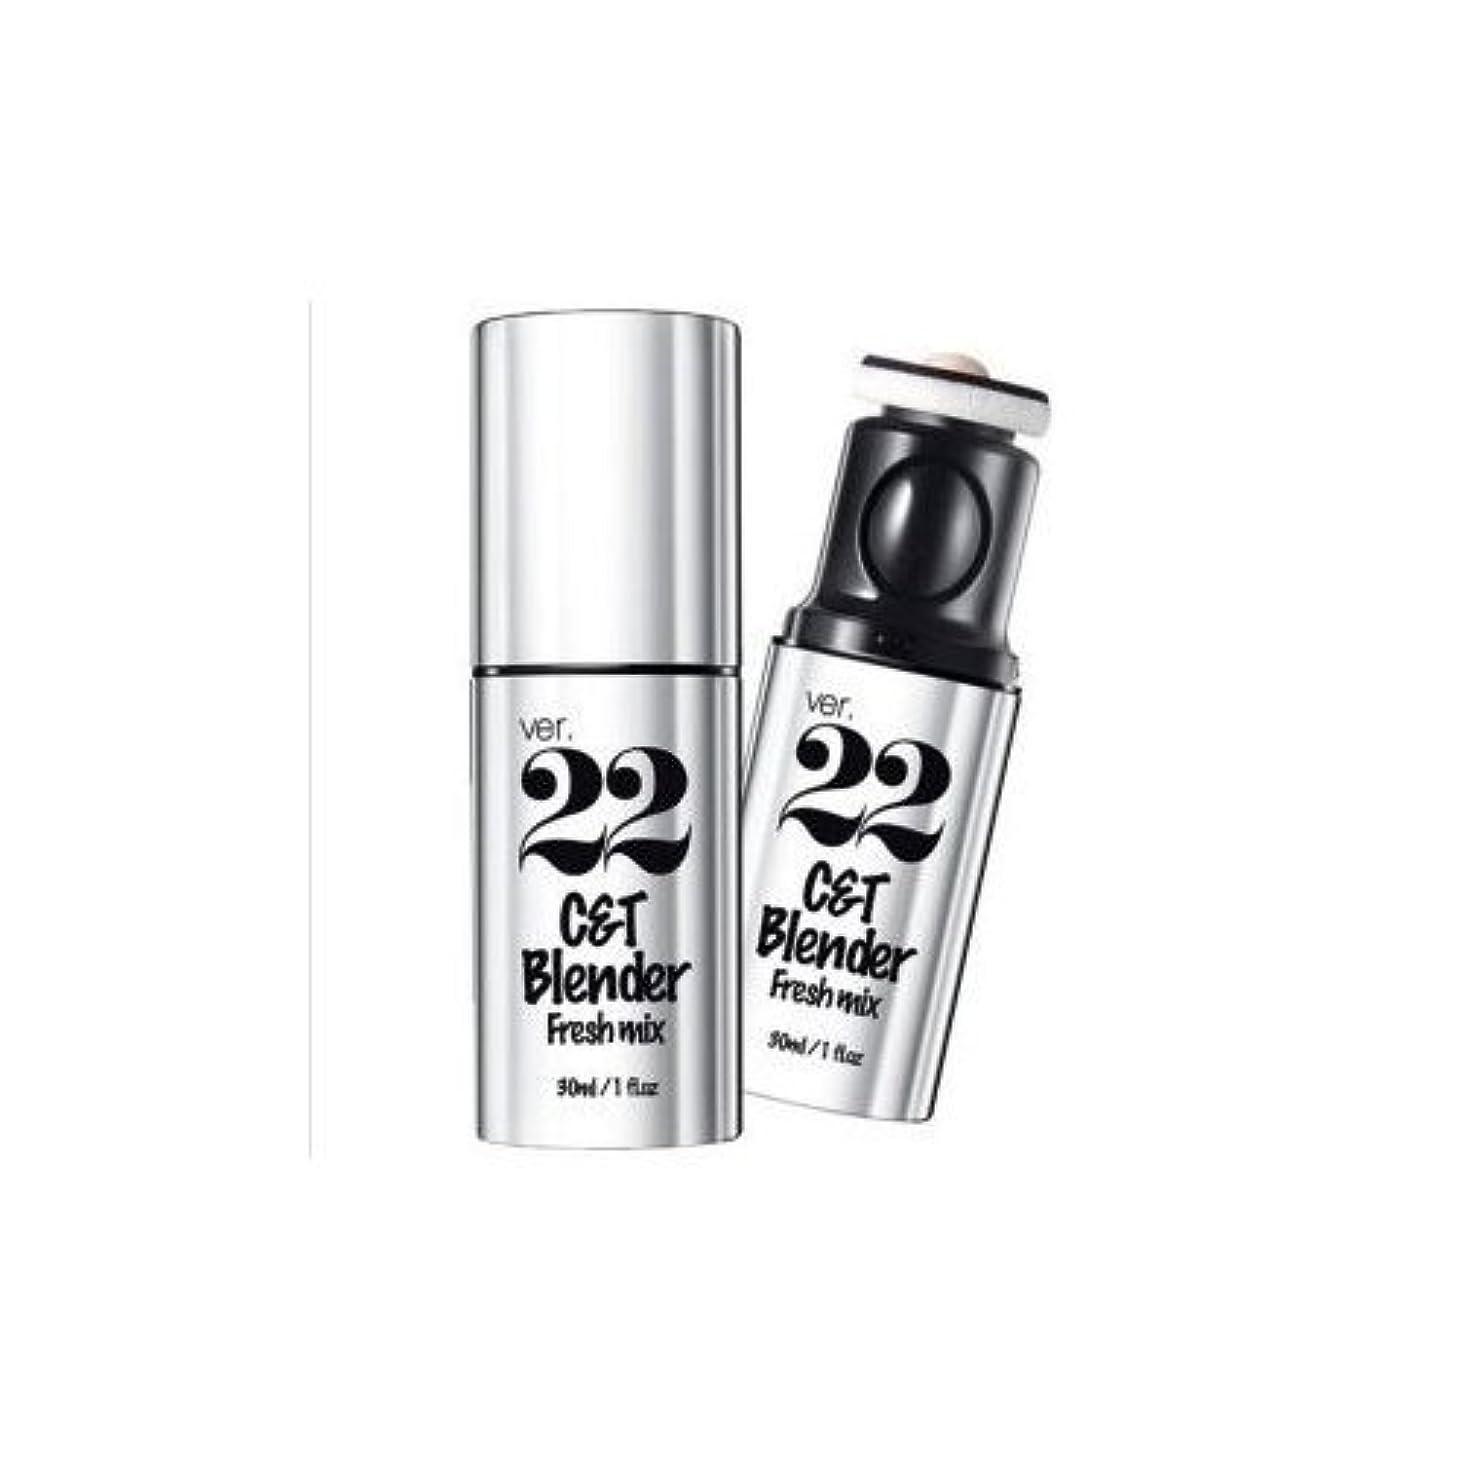 くま雇用者平均chosungah22 C&T Blender Fresh Mix 30ml, Capsule Foundation, #01, Korean Cosmetics